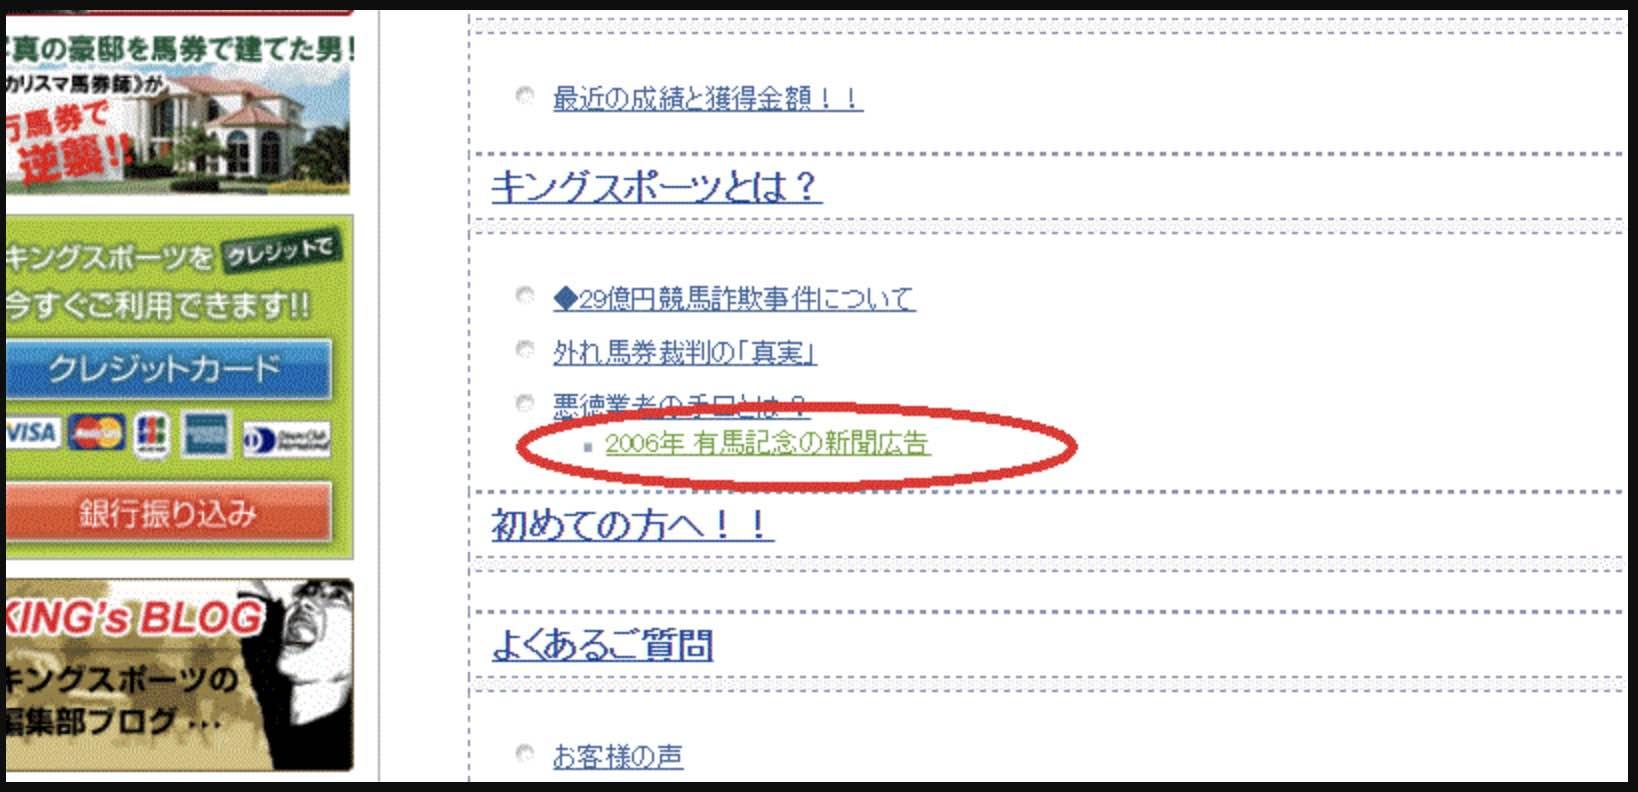 キングスポーツという競馬予想サイトが2006年?